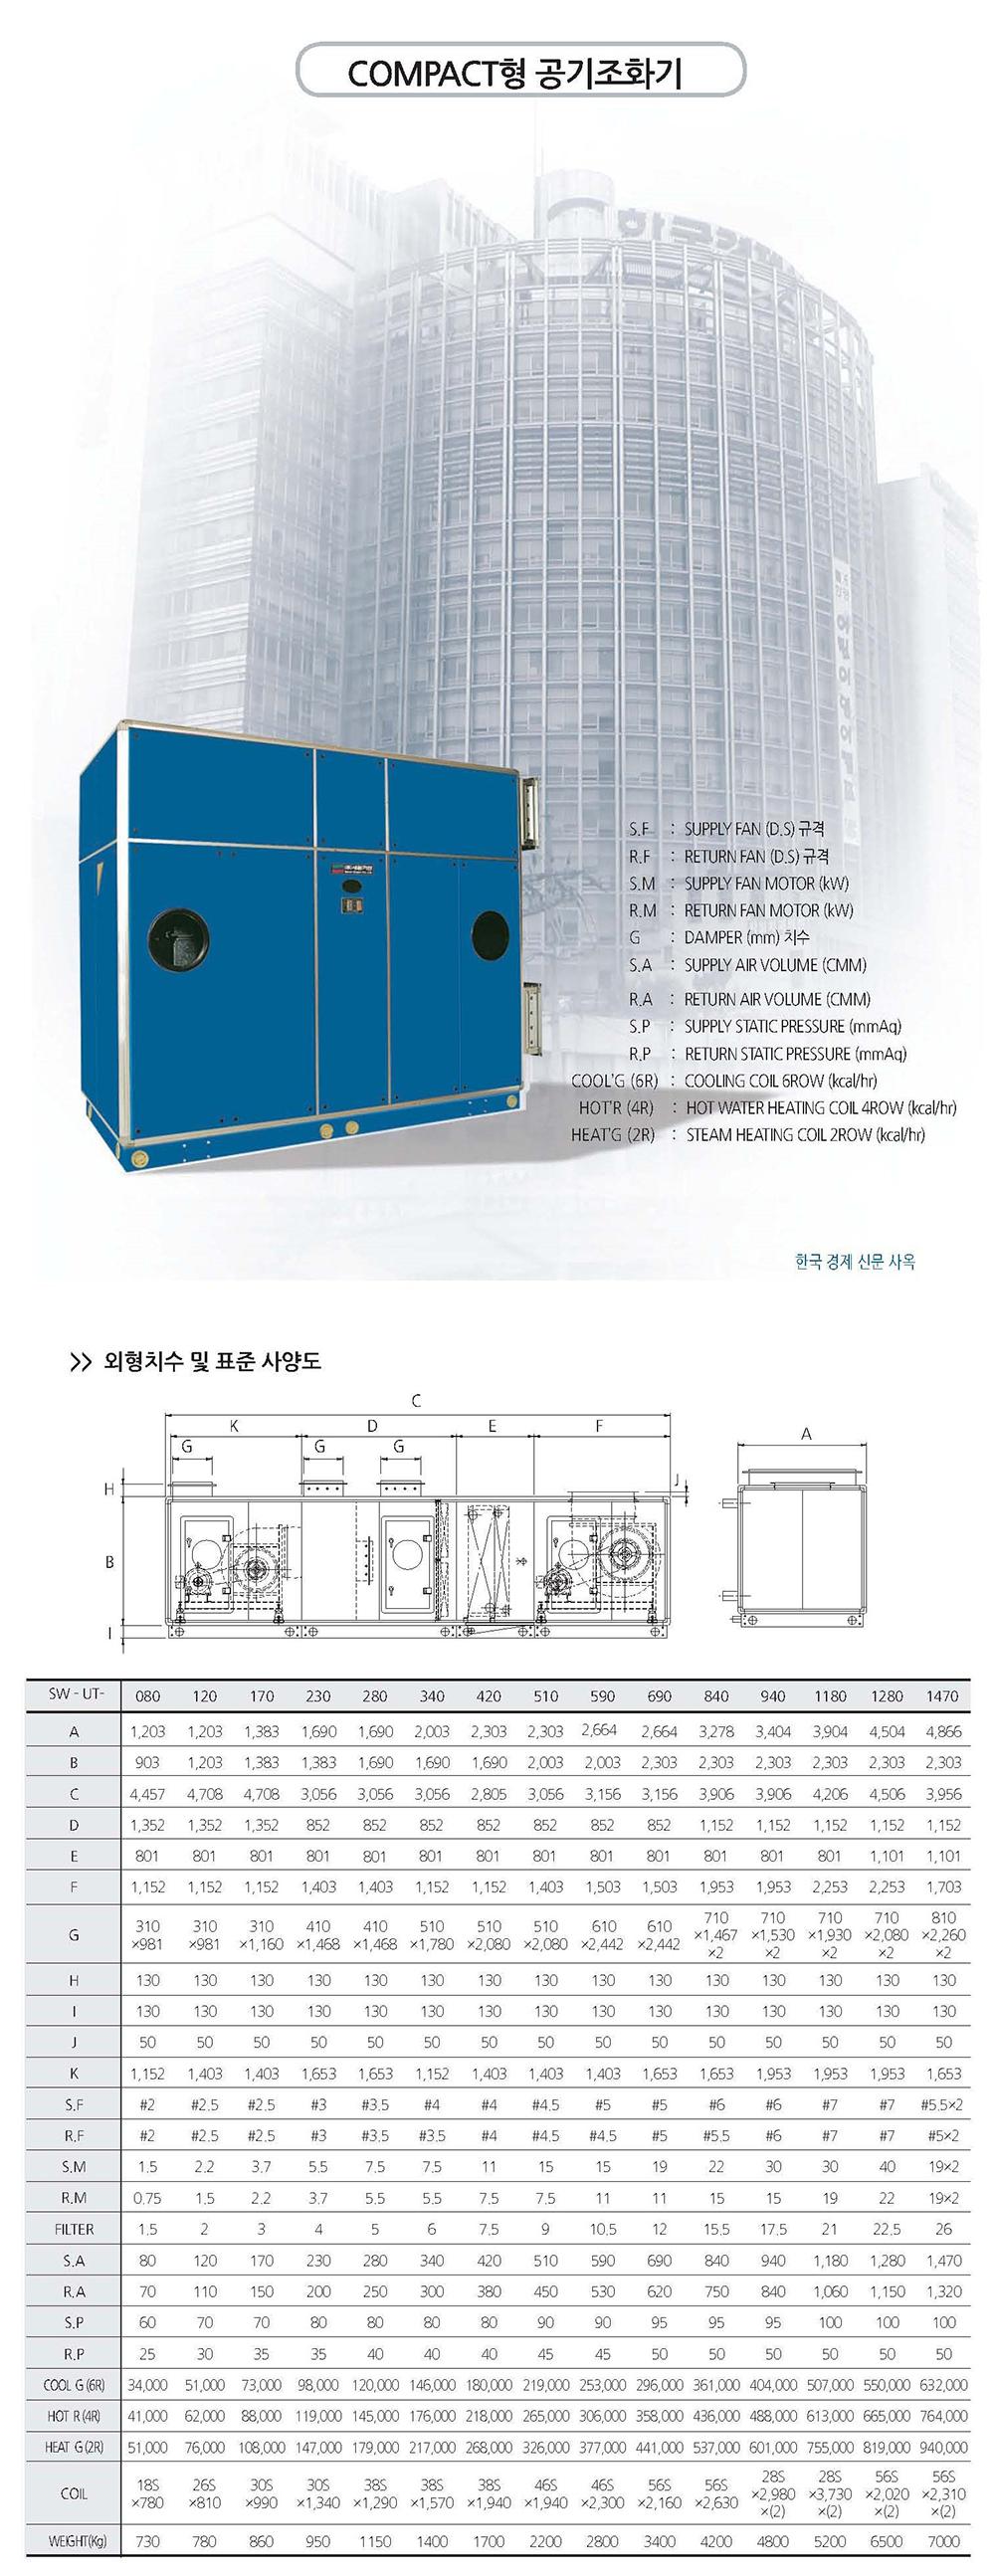 (주)세원기연 Compact형 공기조화기 SW-UT-